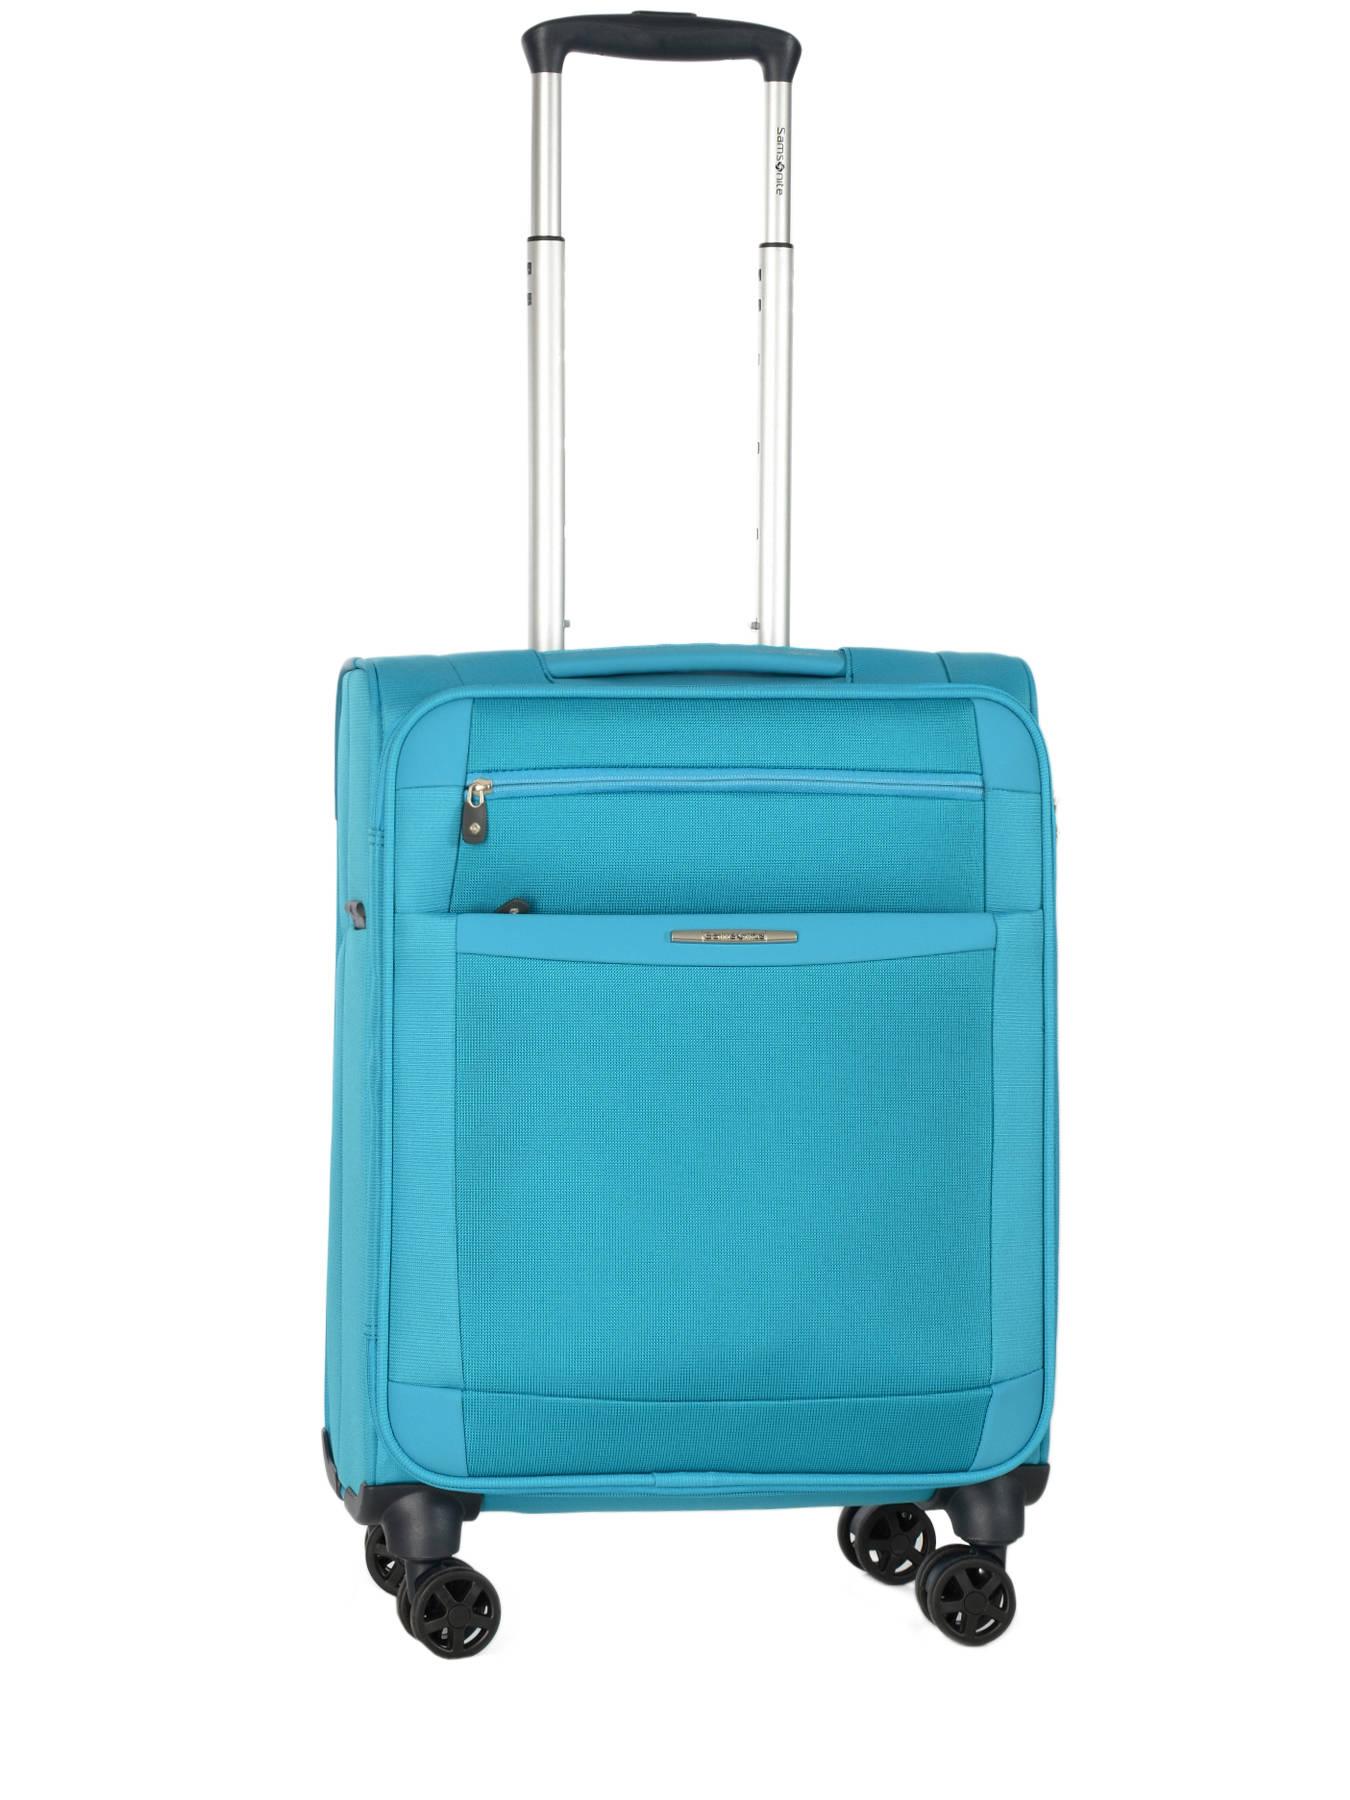 valise cabine samsonite dynamo deep blue en vente au. Black Bedroom Furniture Sets. Home Design Ideas